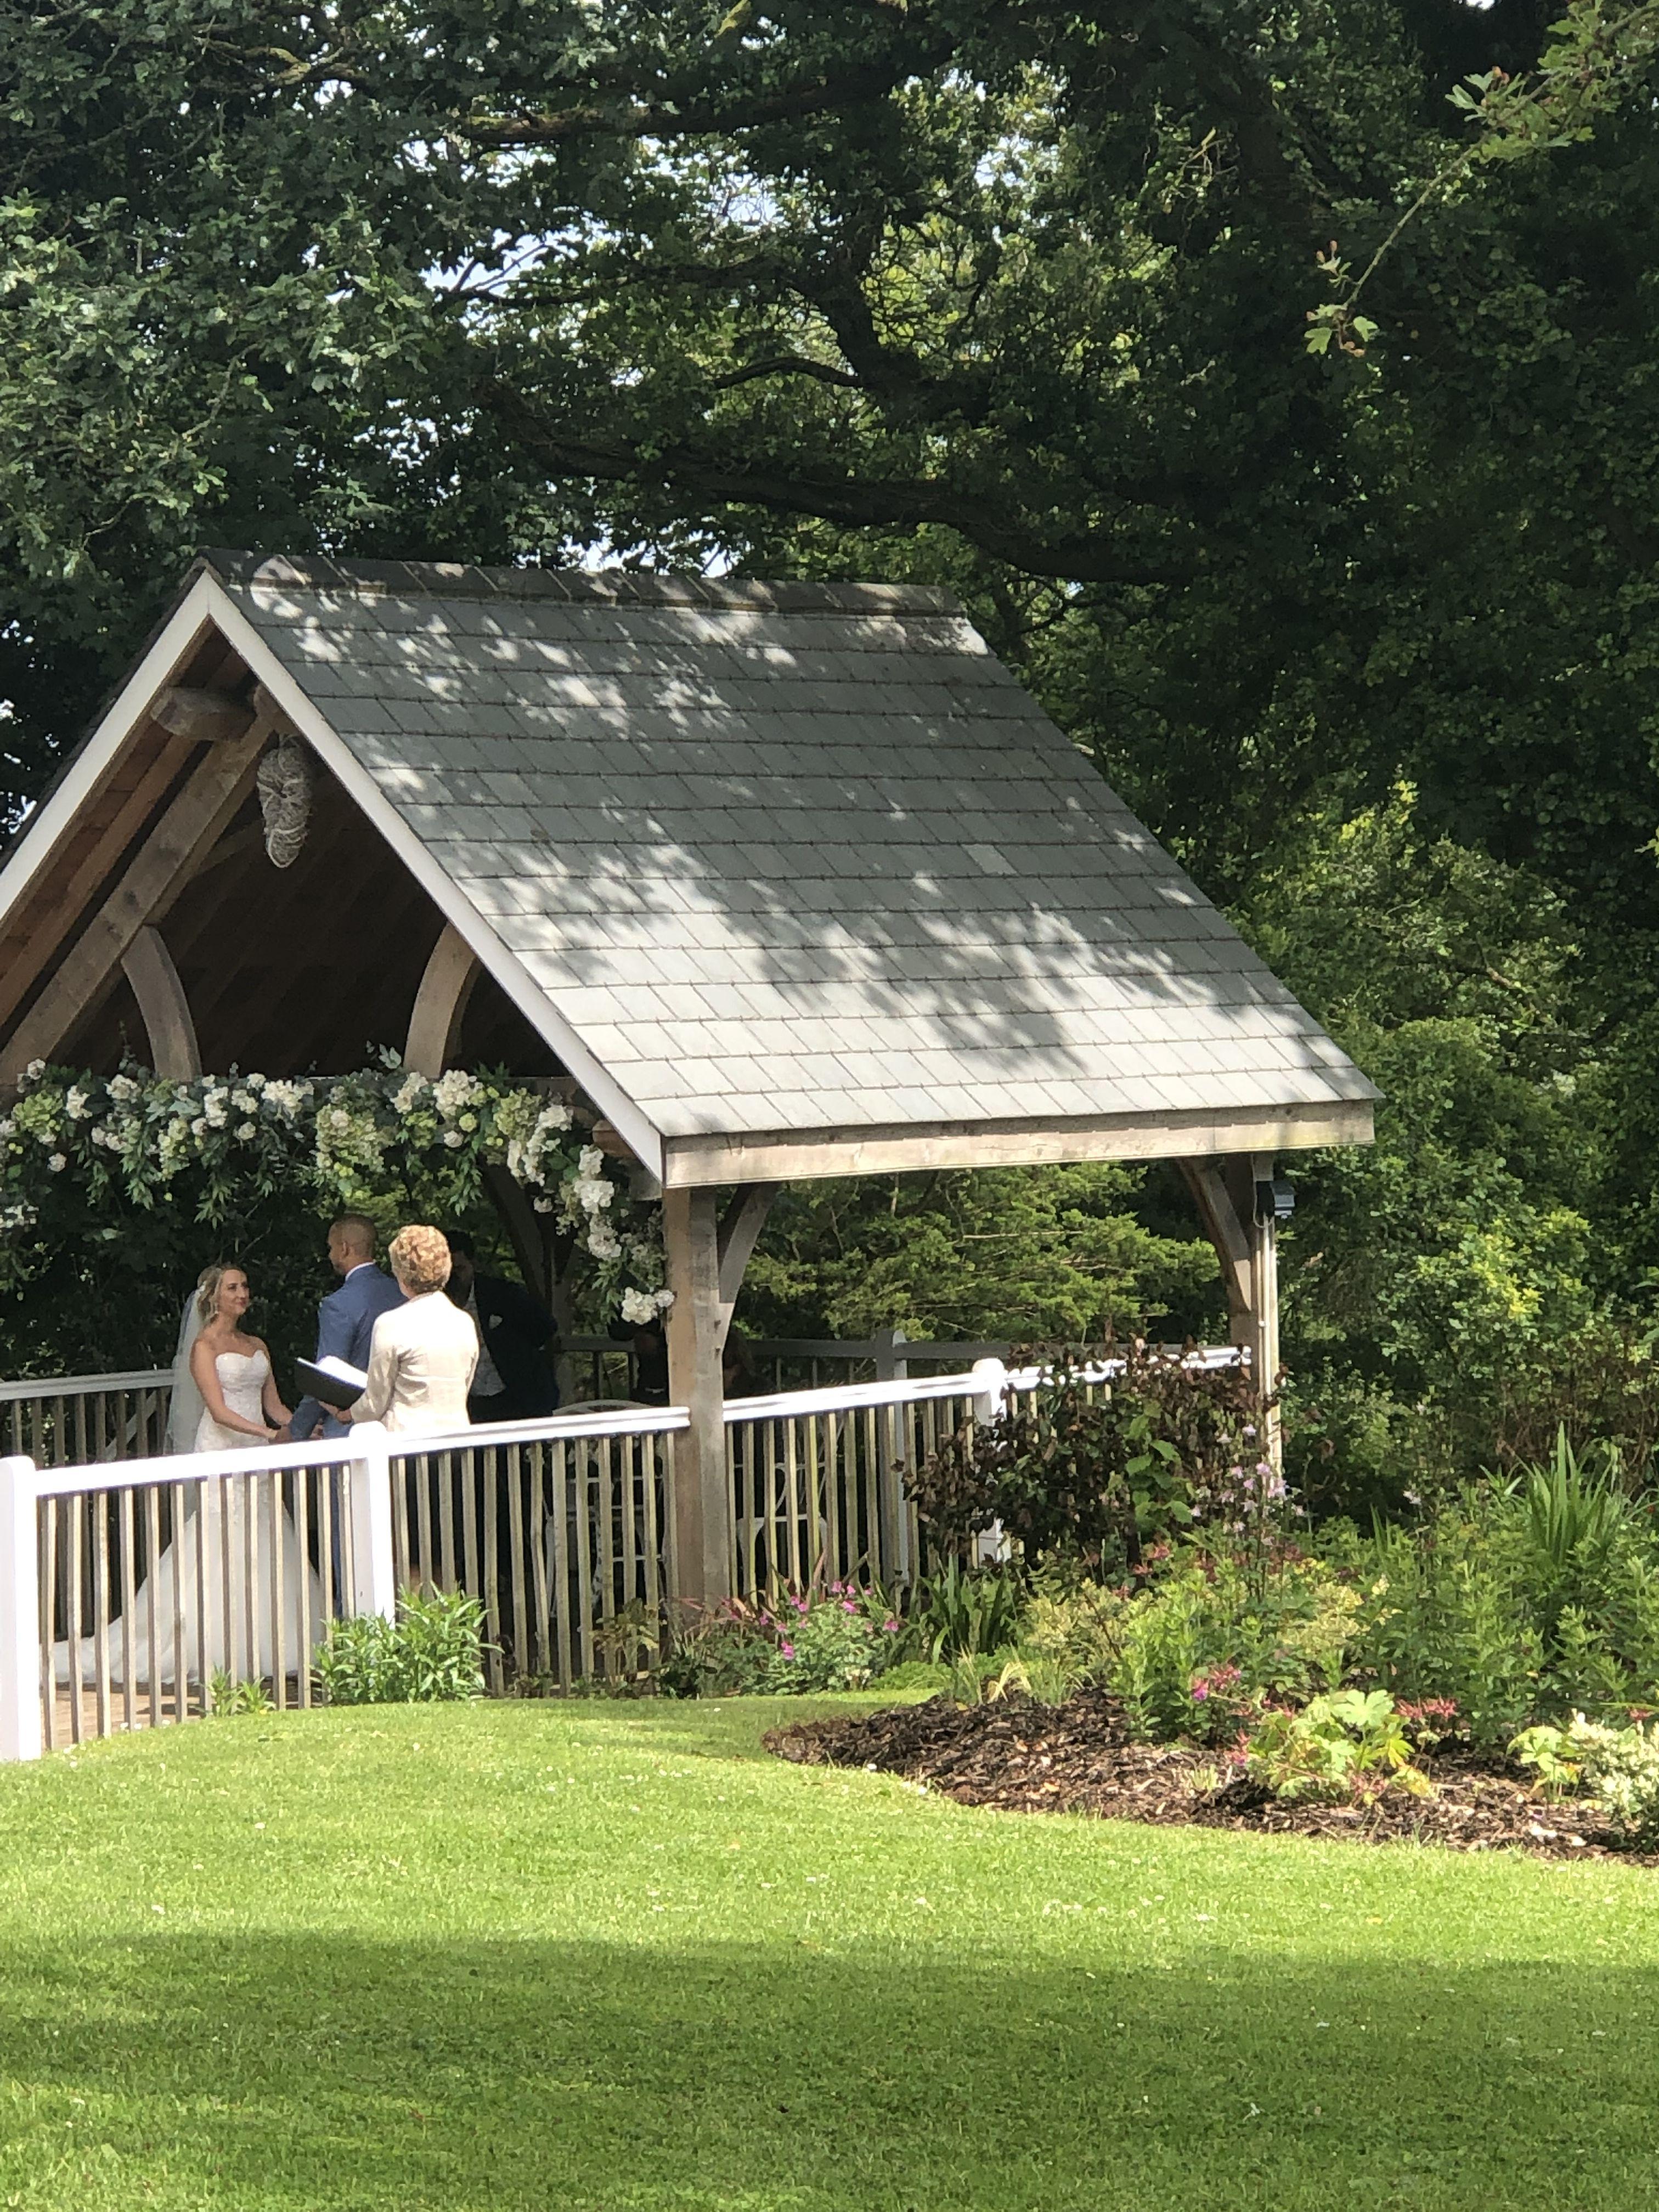 Destination Wedding Venue ️Stunning Devon Wedding Venue